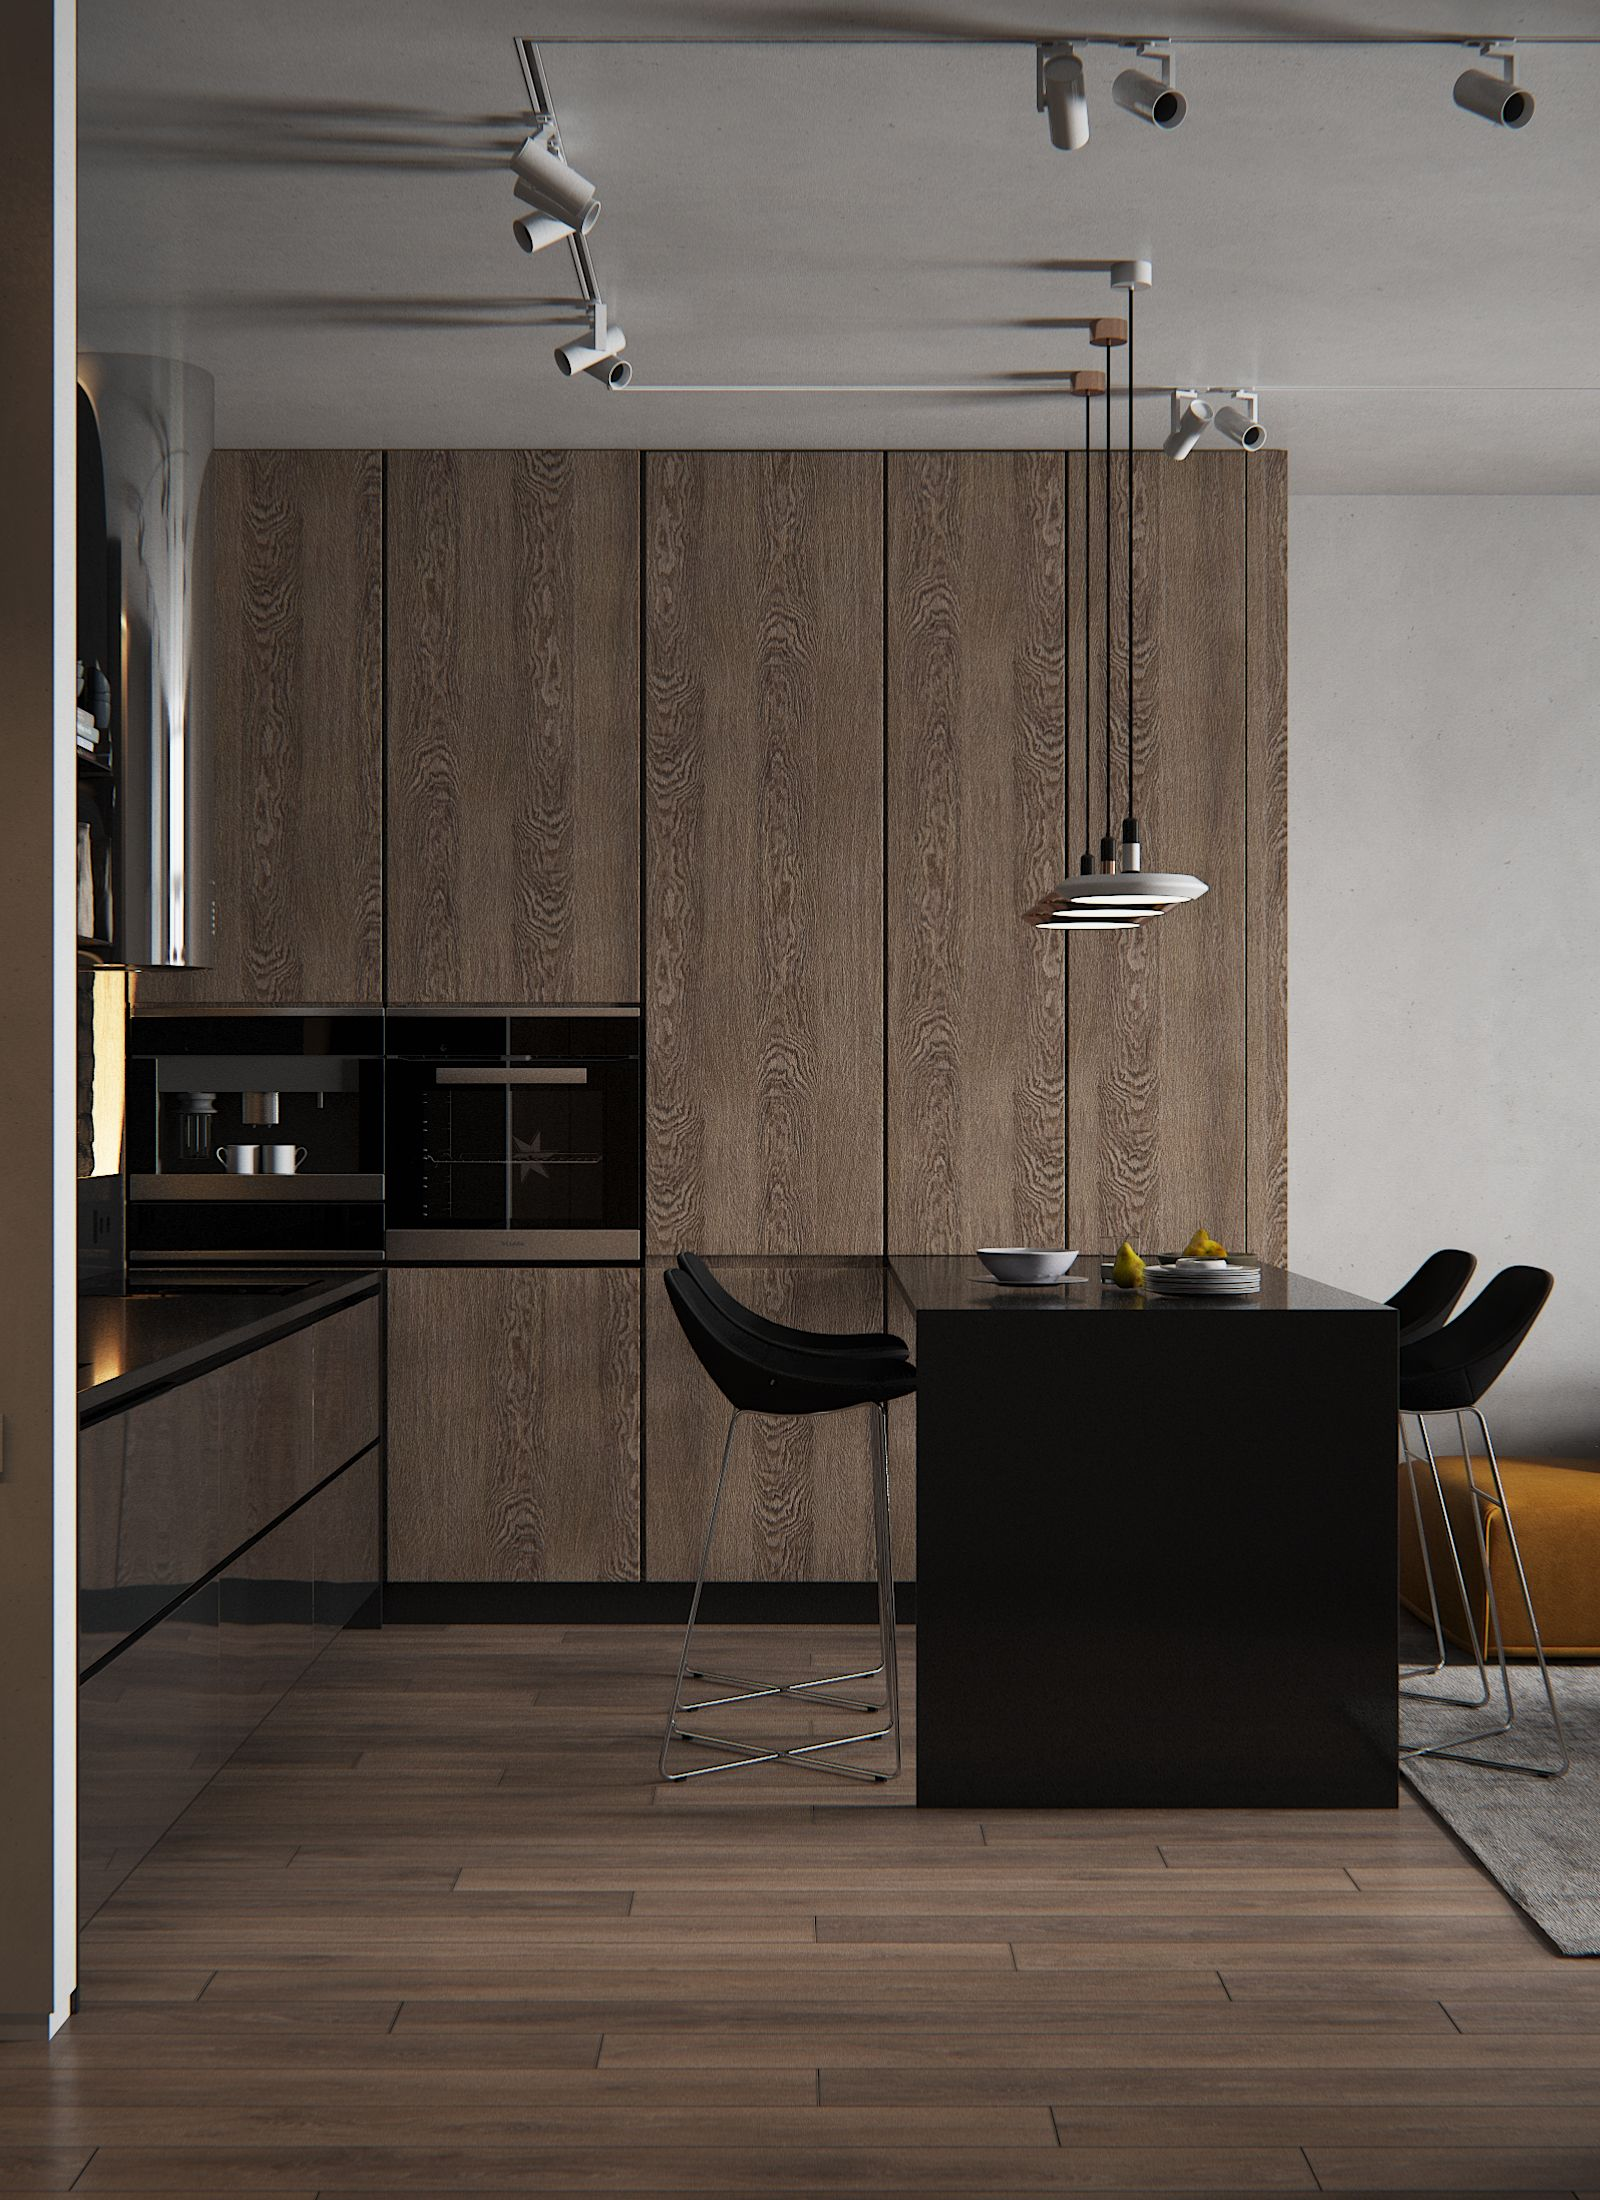 pin de salva g g en microcemento cocina pinterest microcemento cocinar y cocinas. Black Bedroom Furniture Sets. Home Design Ideas